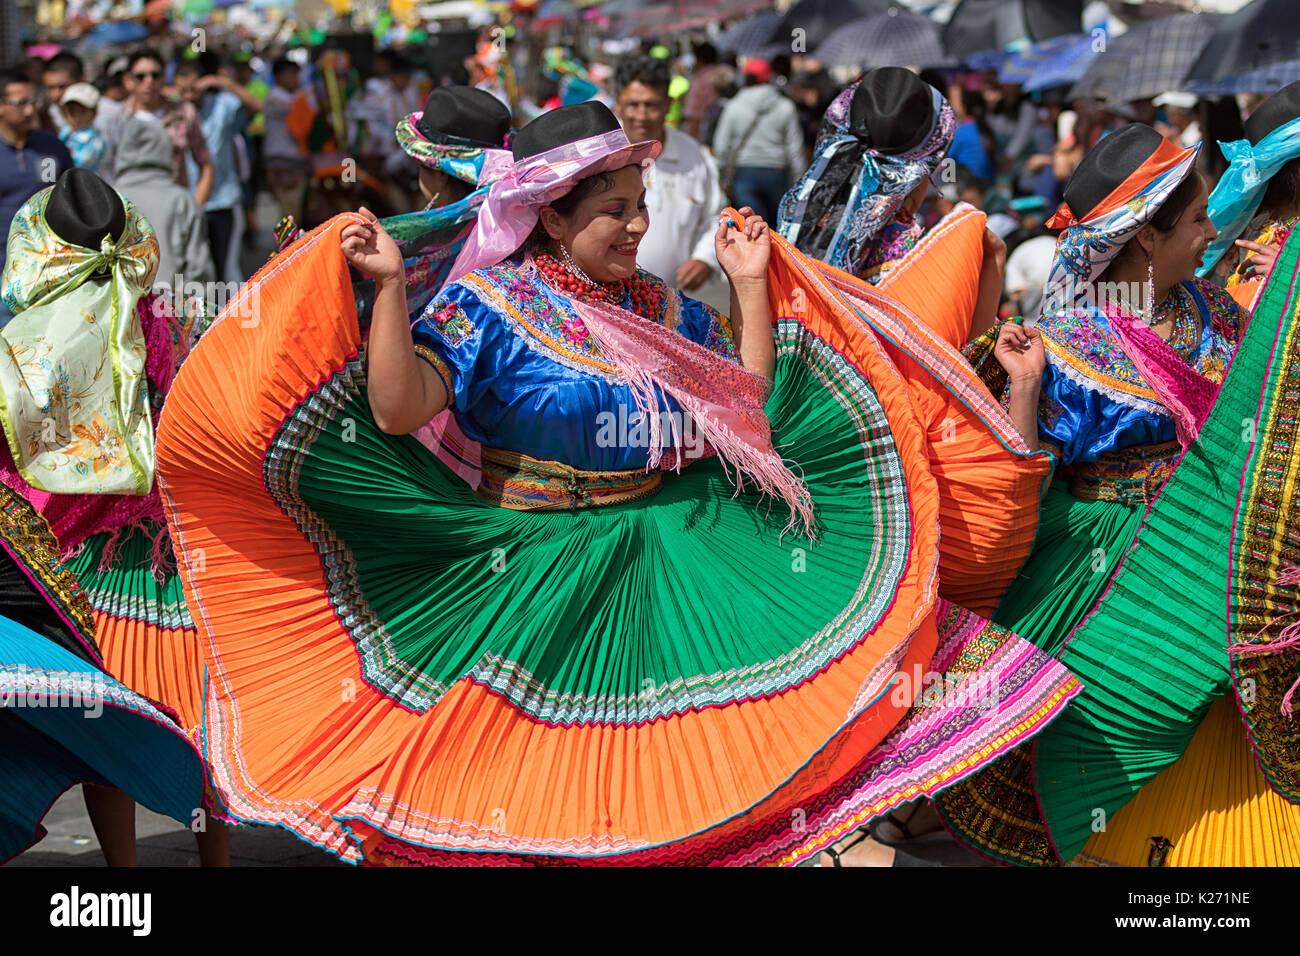 Giugno 17, 2017 Pujili, Ecuador: femmina ballerino in abbigliamento tradizionale in movimento con il Corpus Christi parata annuale Immagini Stock